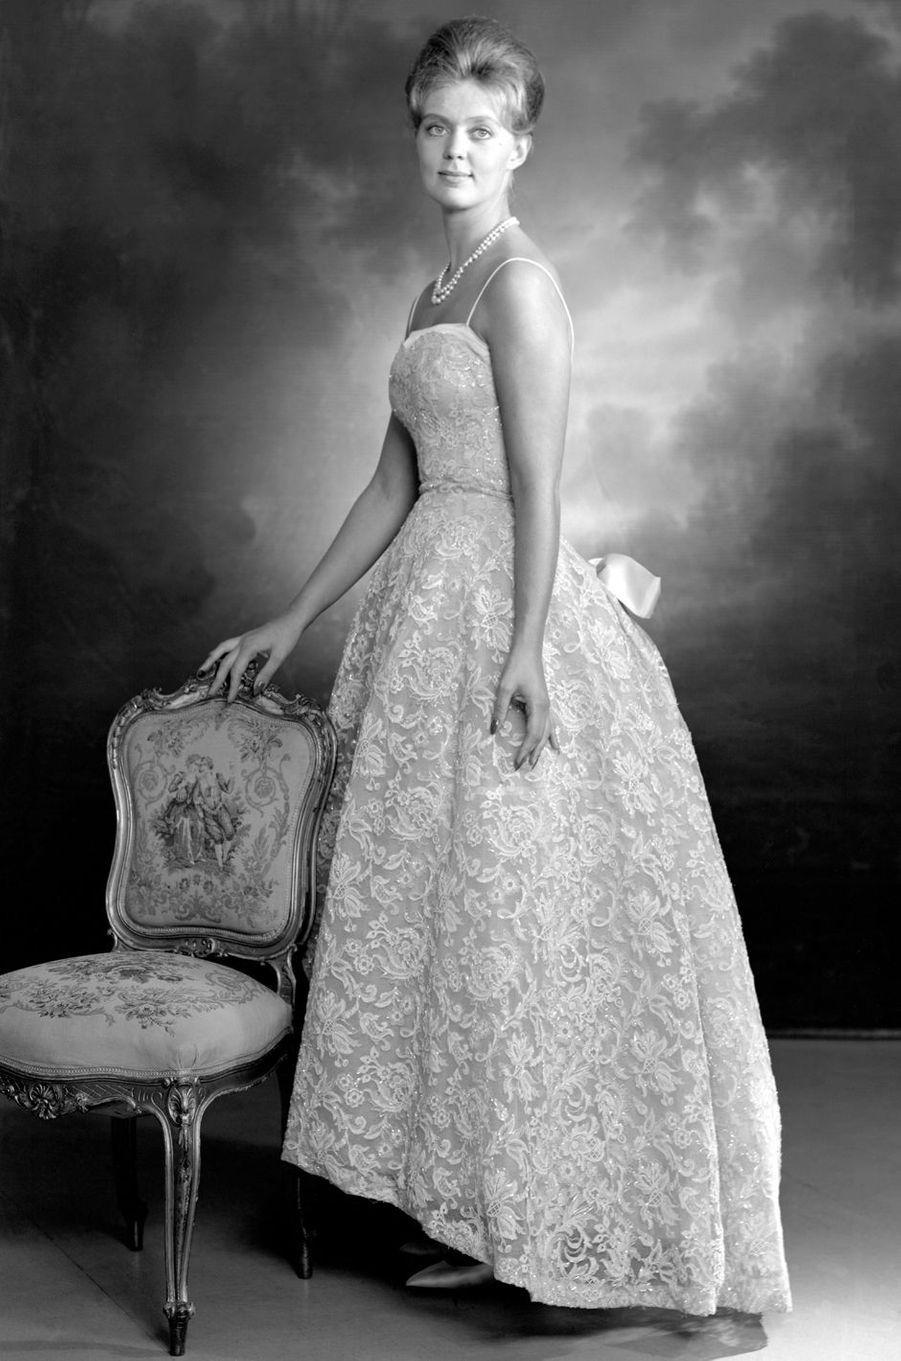 La princesse Birgitta de Suède, en 1963